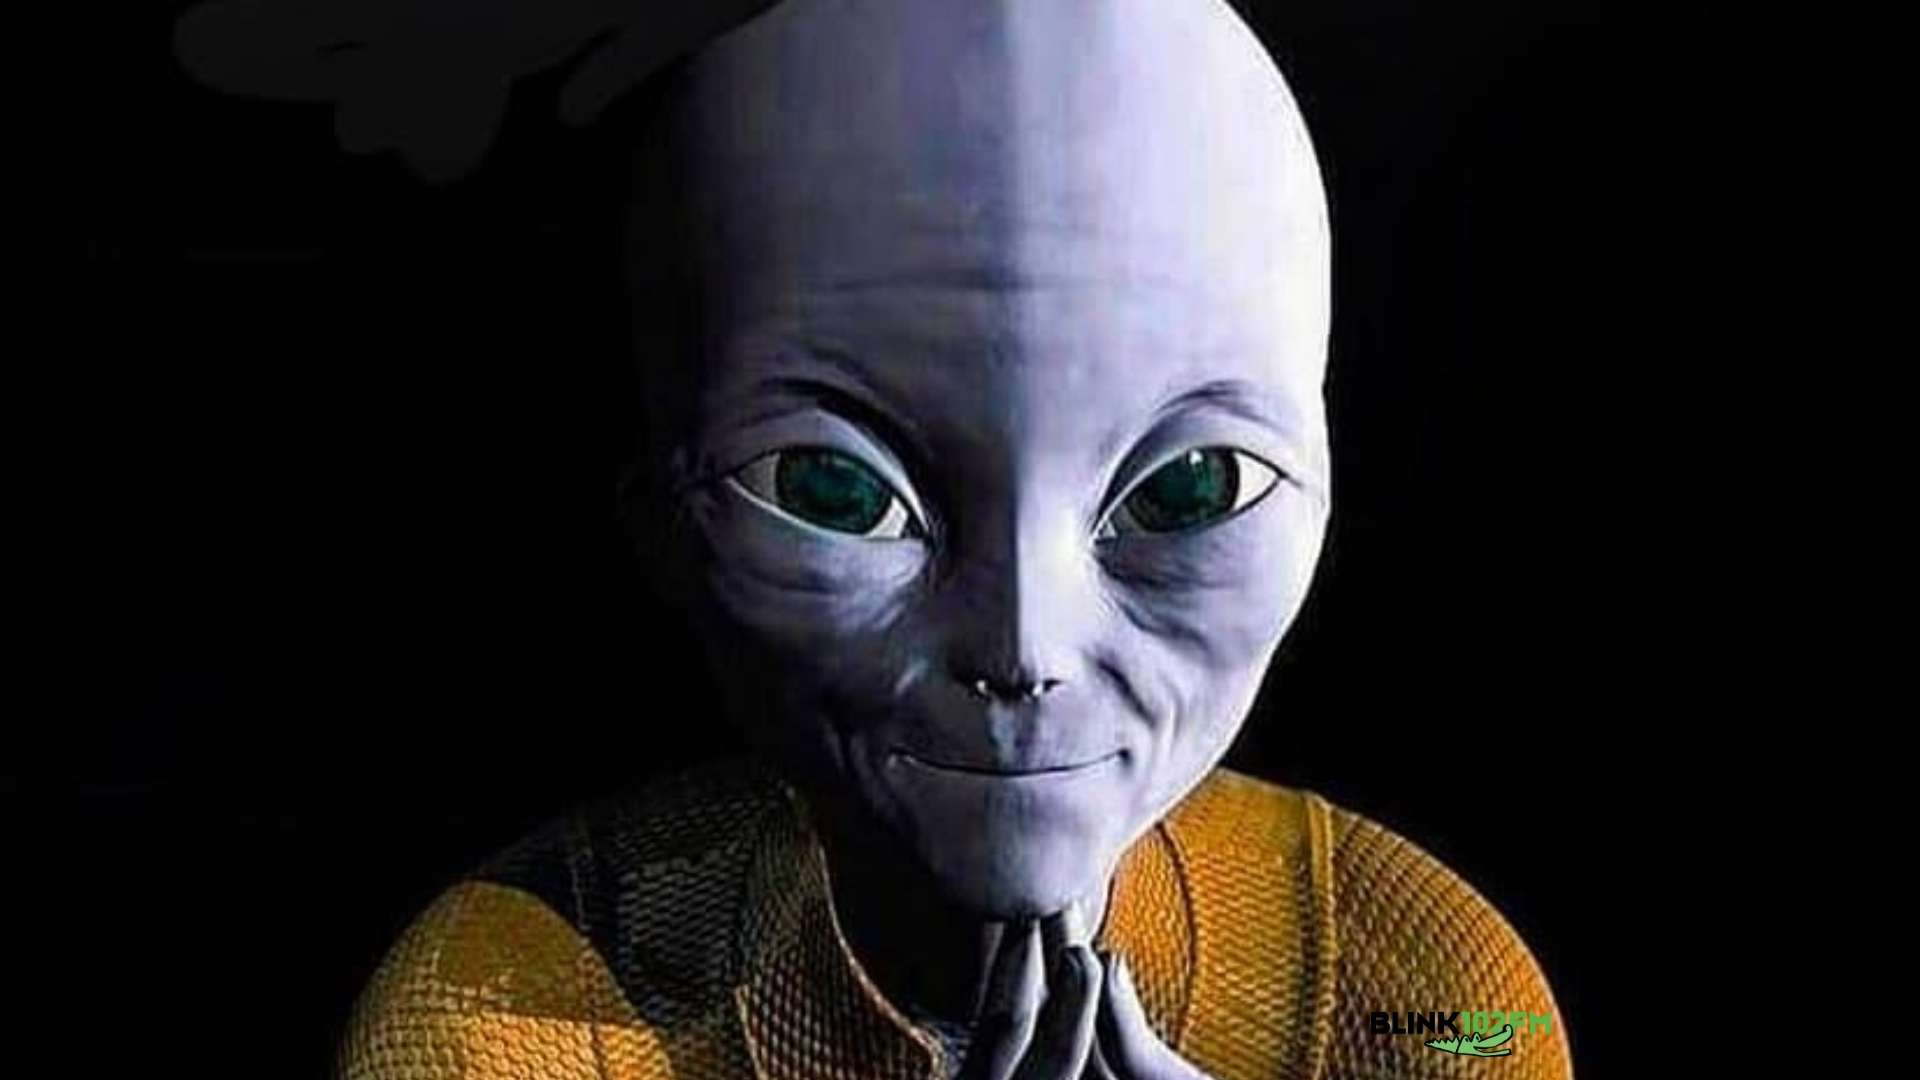 """""""Invasão alienígena"""". Veja o vídeo e tire suas conclusões"""